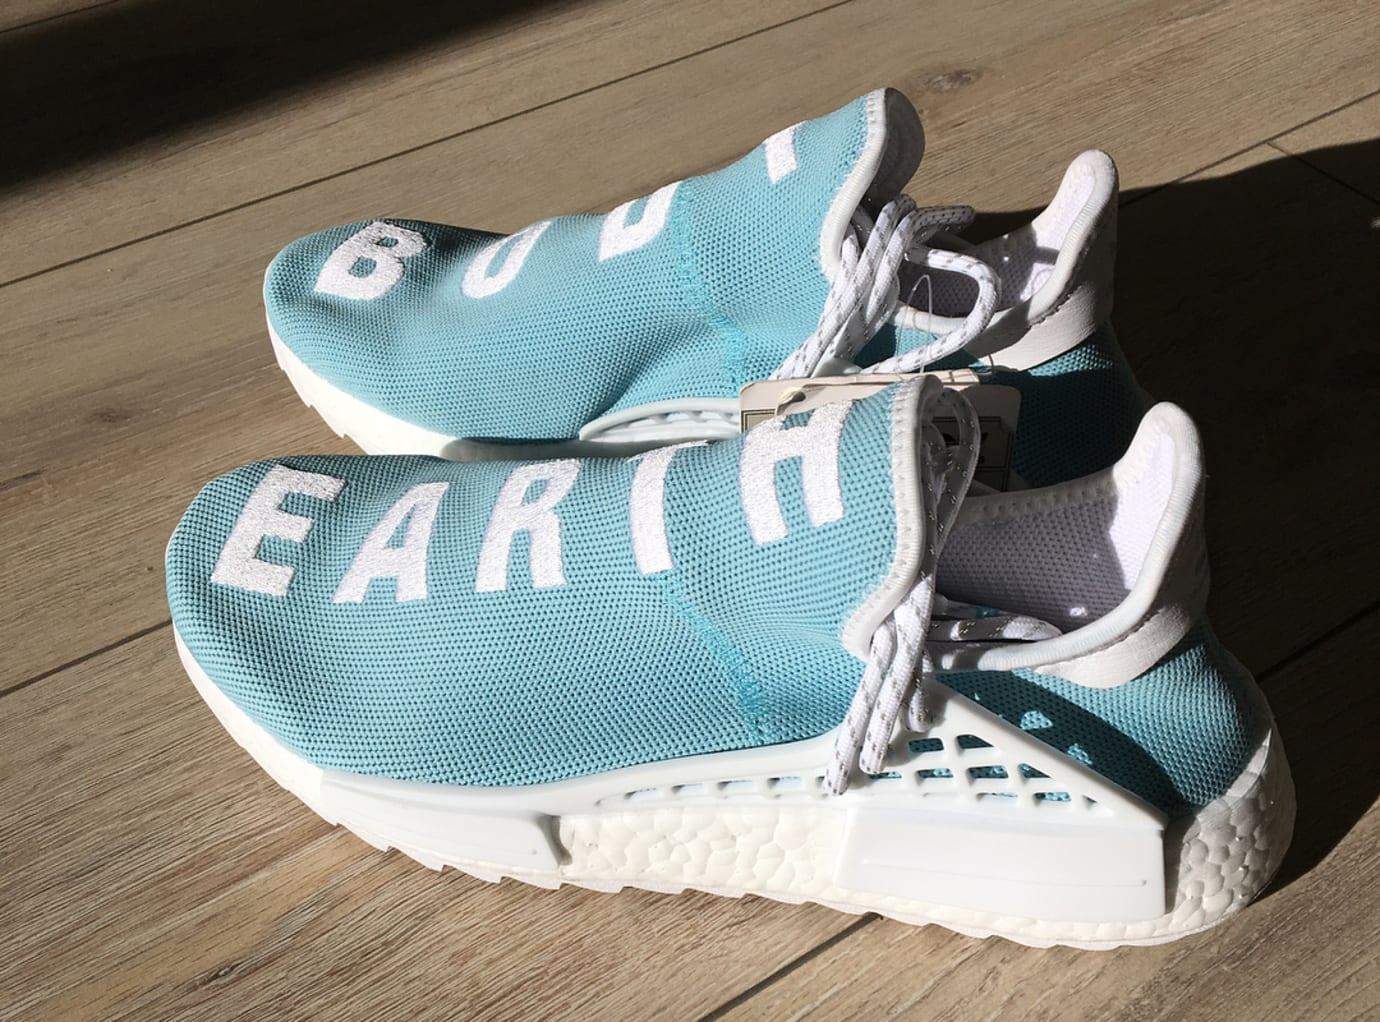 3ba771f25 Pharrell x Adidas NMD Hu Body Earth Blue Sole Side